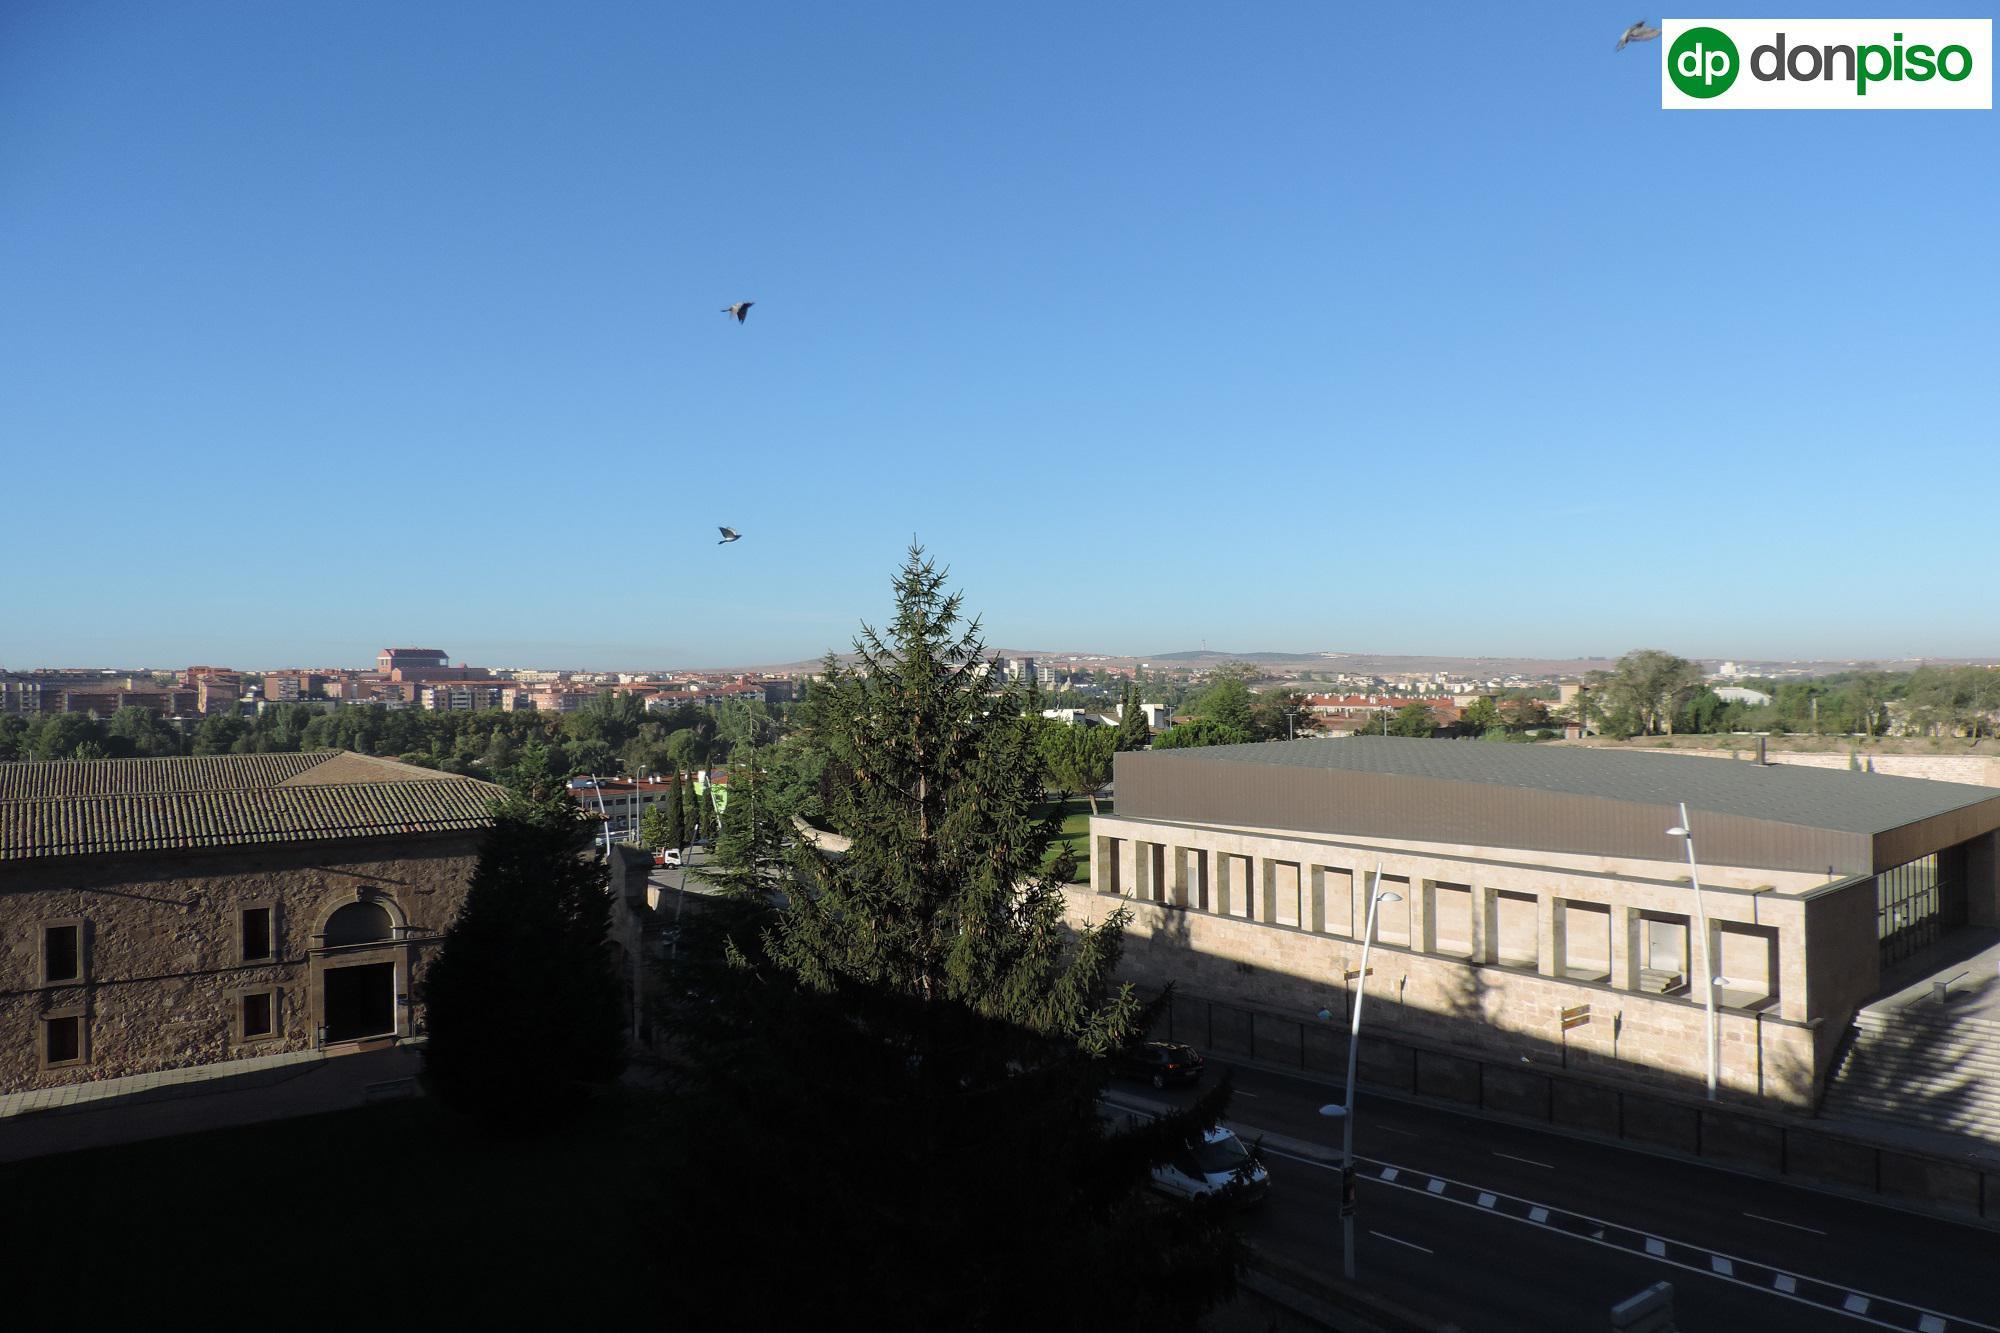 231300 - Paseo de Canalejas,. Colegio Calasanz